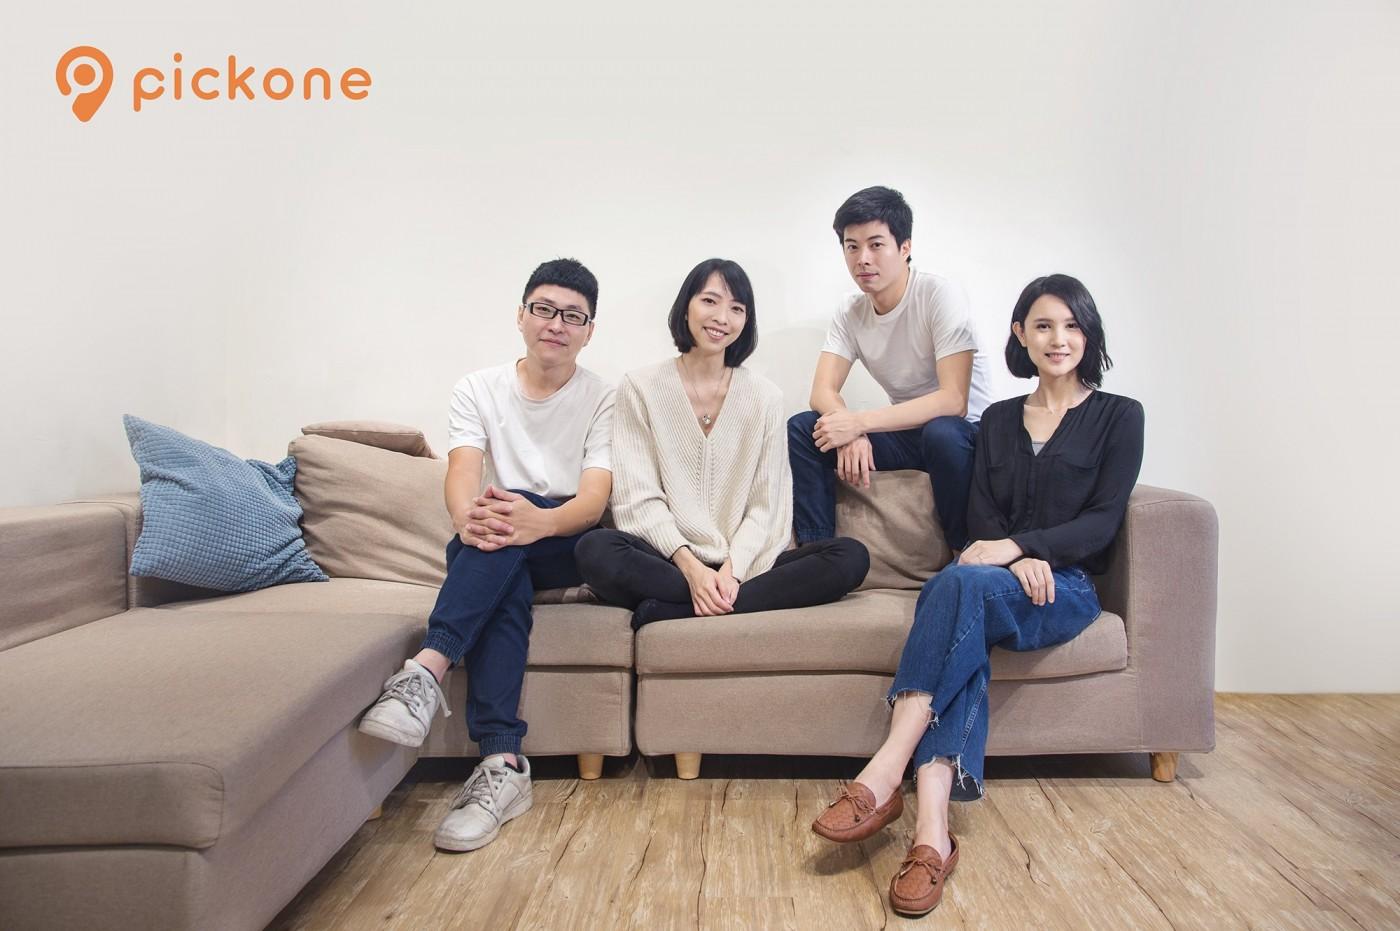 活動場地界的Airbnb!Pickone獲得1,500萬融資,招兵買馬外還要進軍東南亞